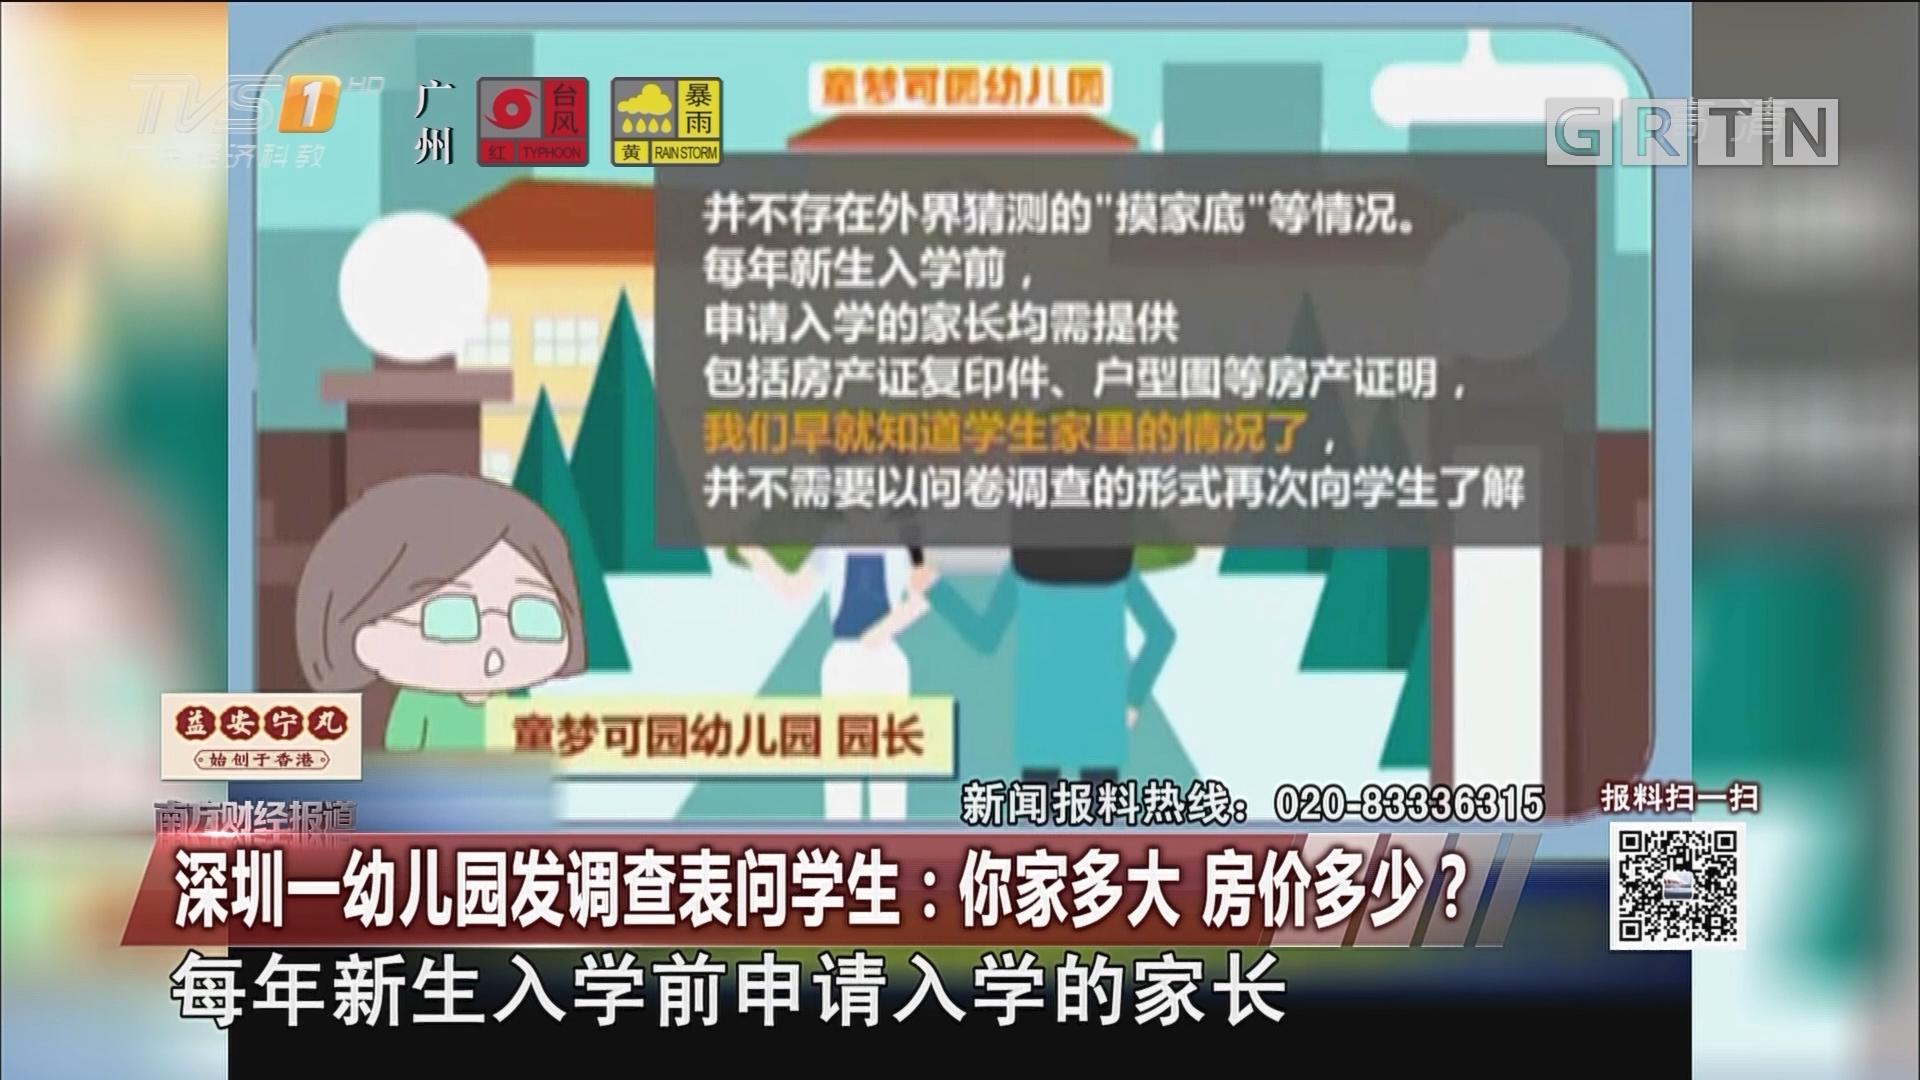 深圳一幼儿园发调查表问学生:你家多大 房价多少?